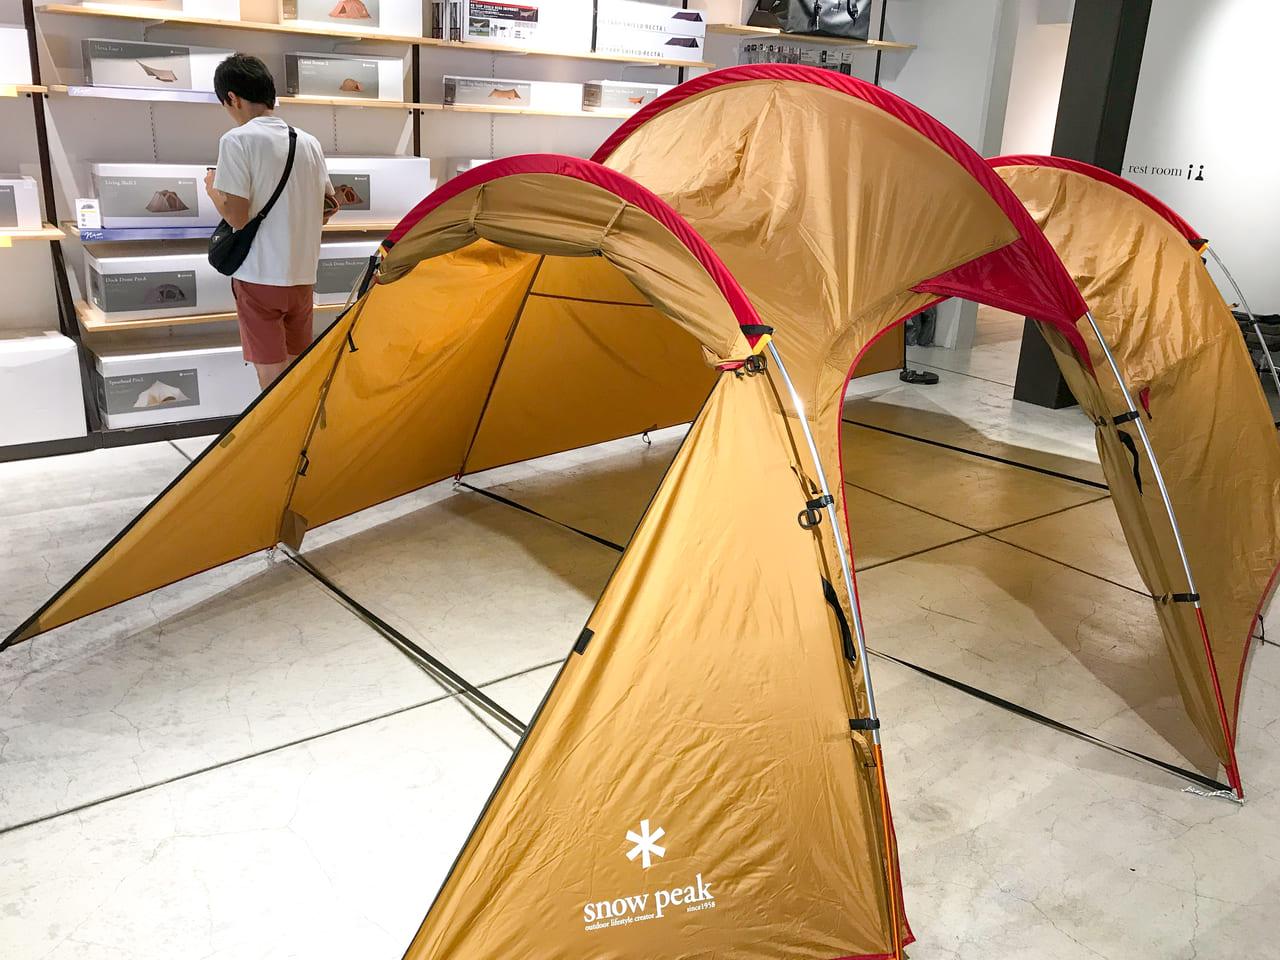 /snowpeakの展示テントはシェルター使用のヴォールト